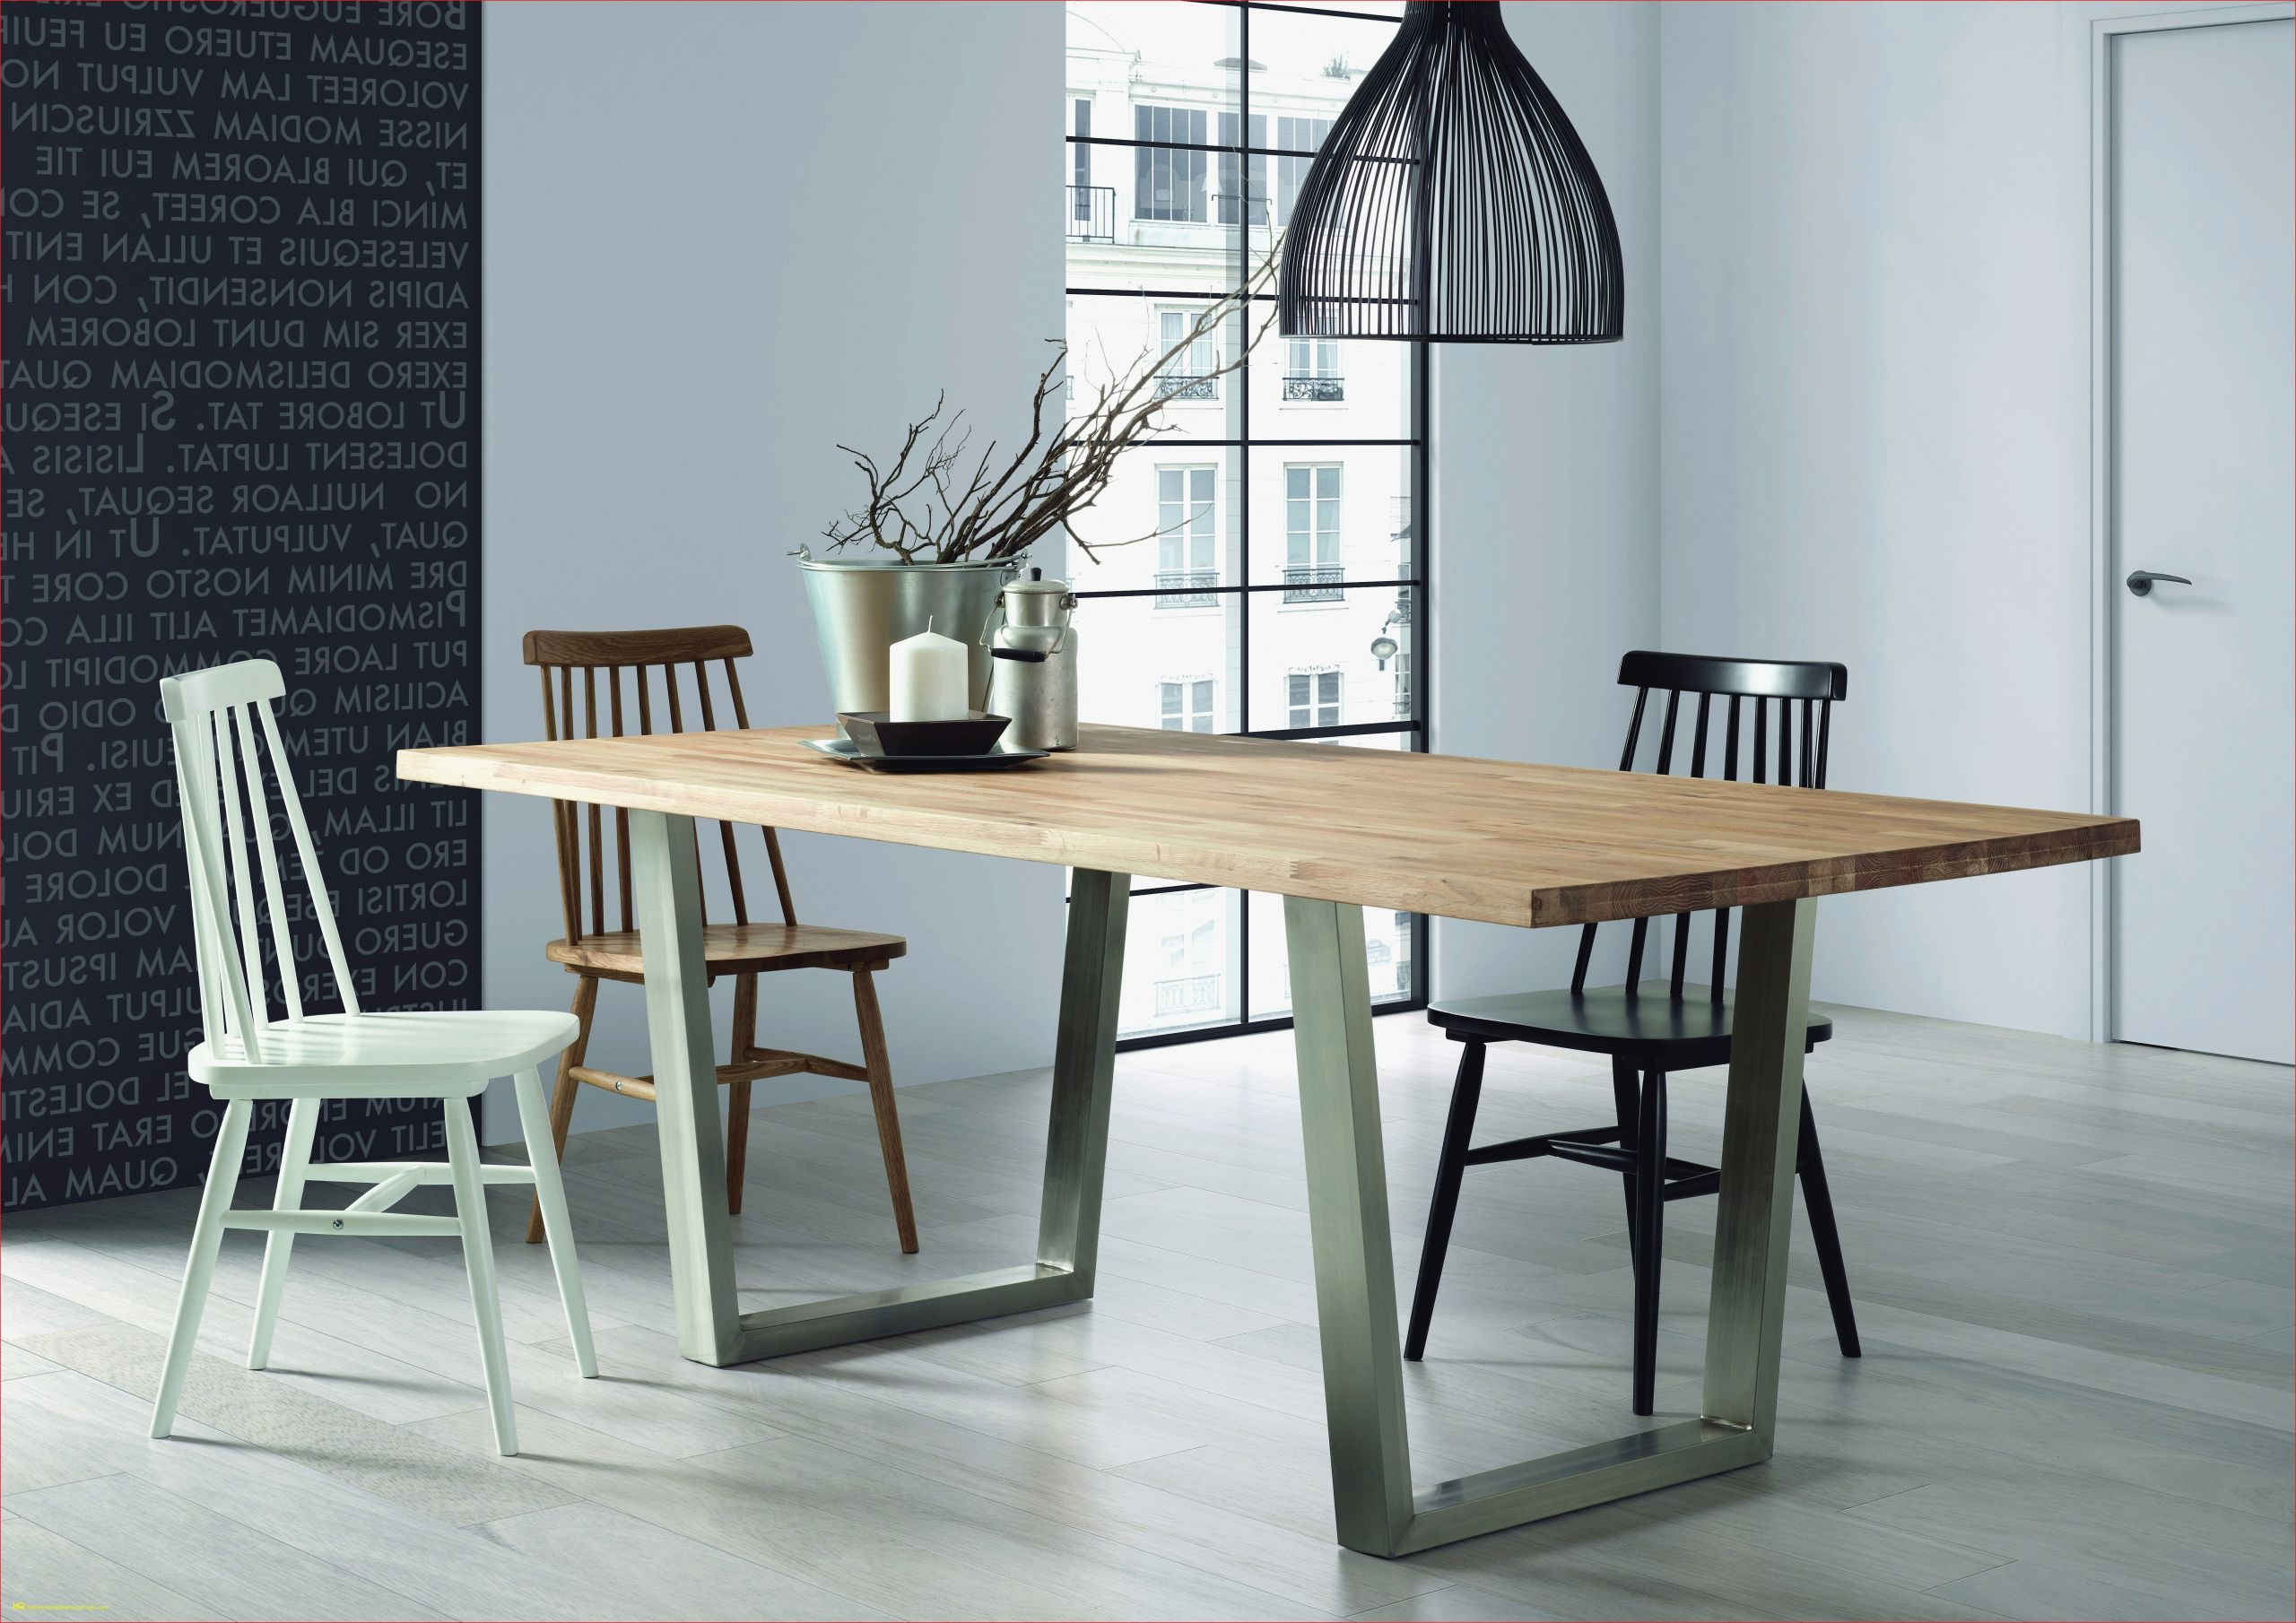 table et chaise de jardin ikea best of conseils pour table salle a manger ikea s de salle a de table et chaise de jardin ikea scaled